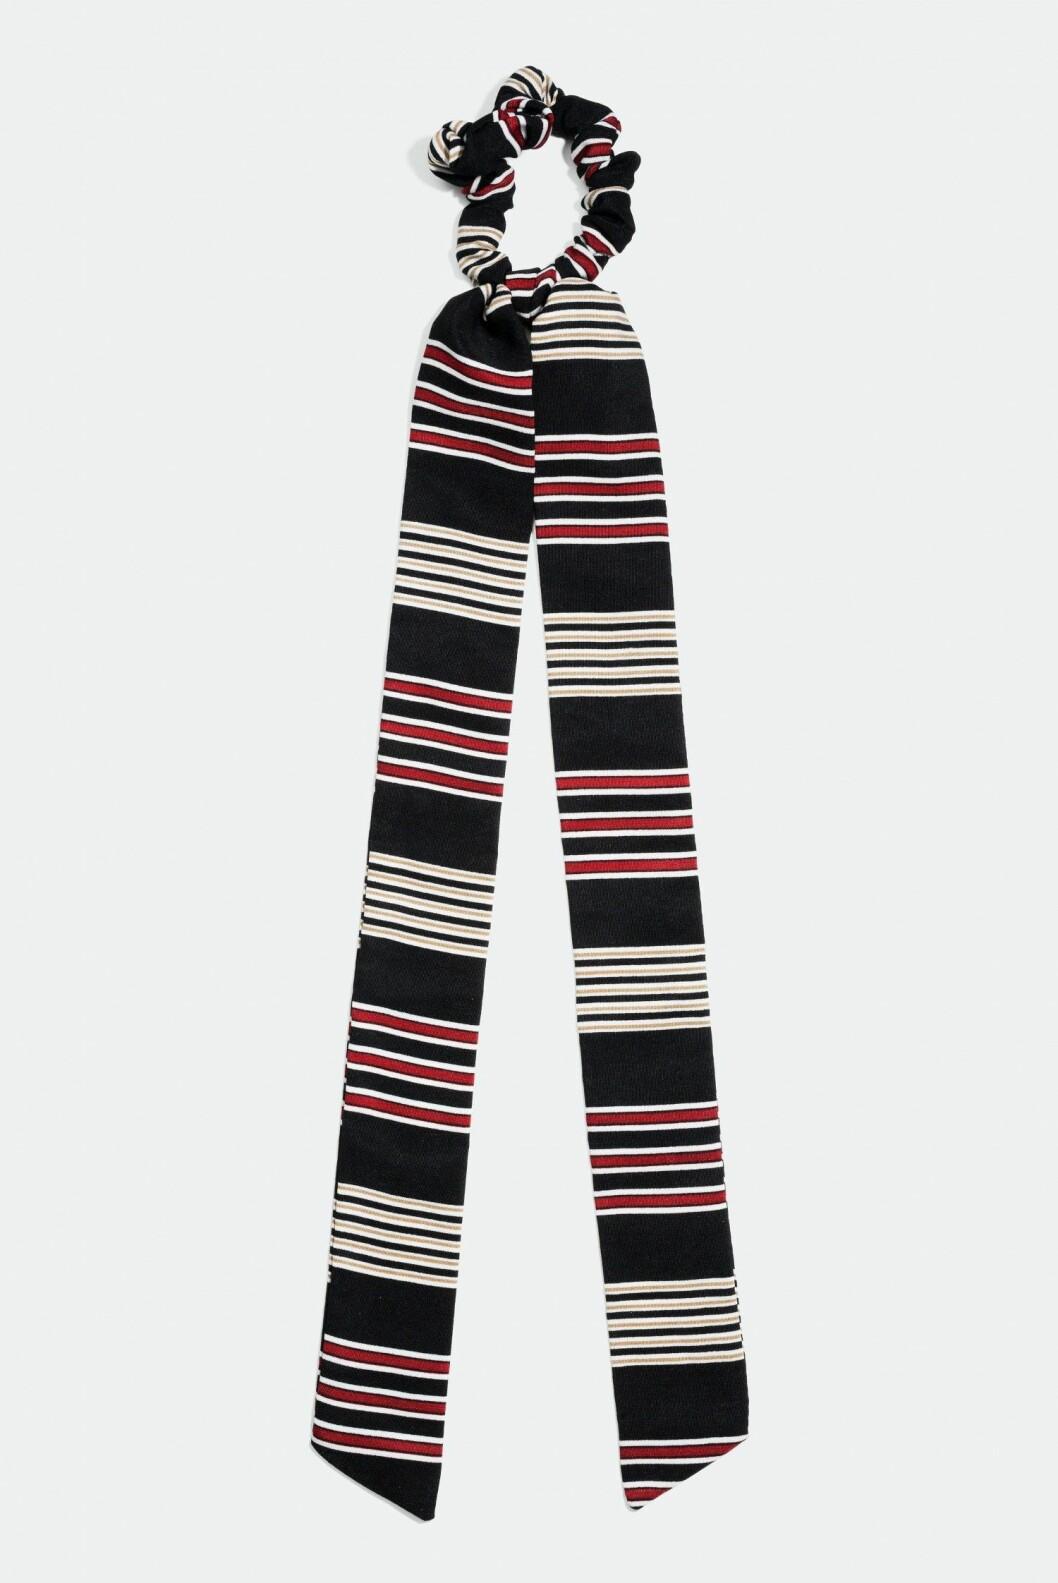 <strong>Scrunchie med knytefunksjon fra Glitter |80,-| https:</strong>//www.glitter.no/scrunchie-med-knytefunksjon-stripete